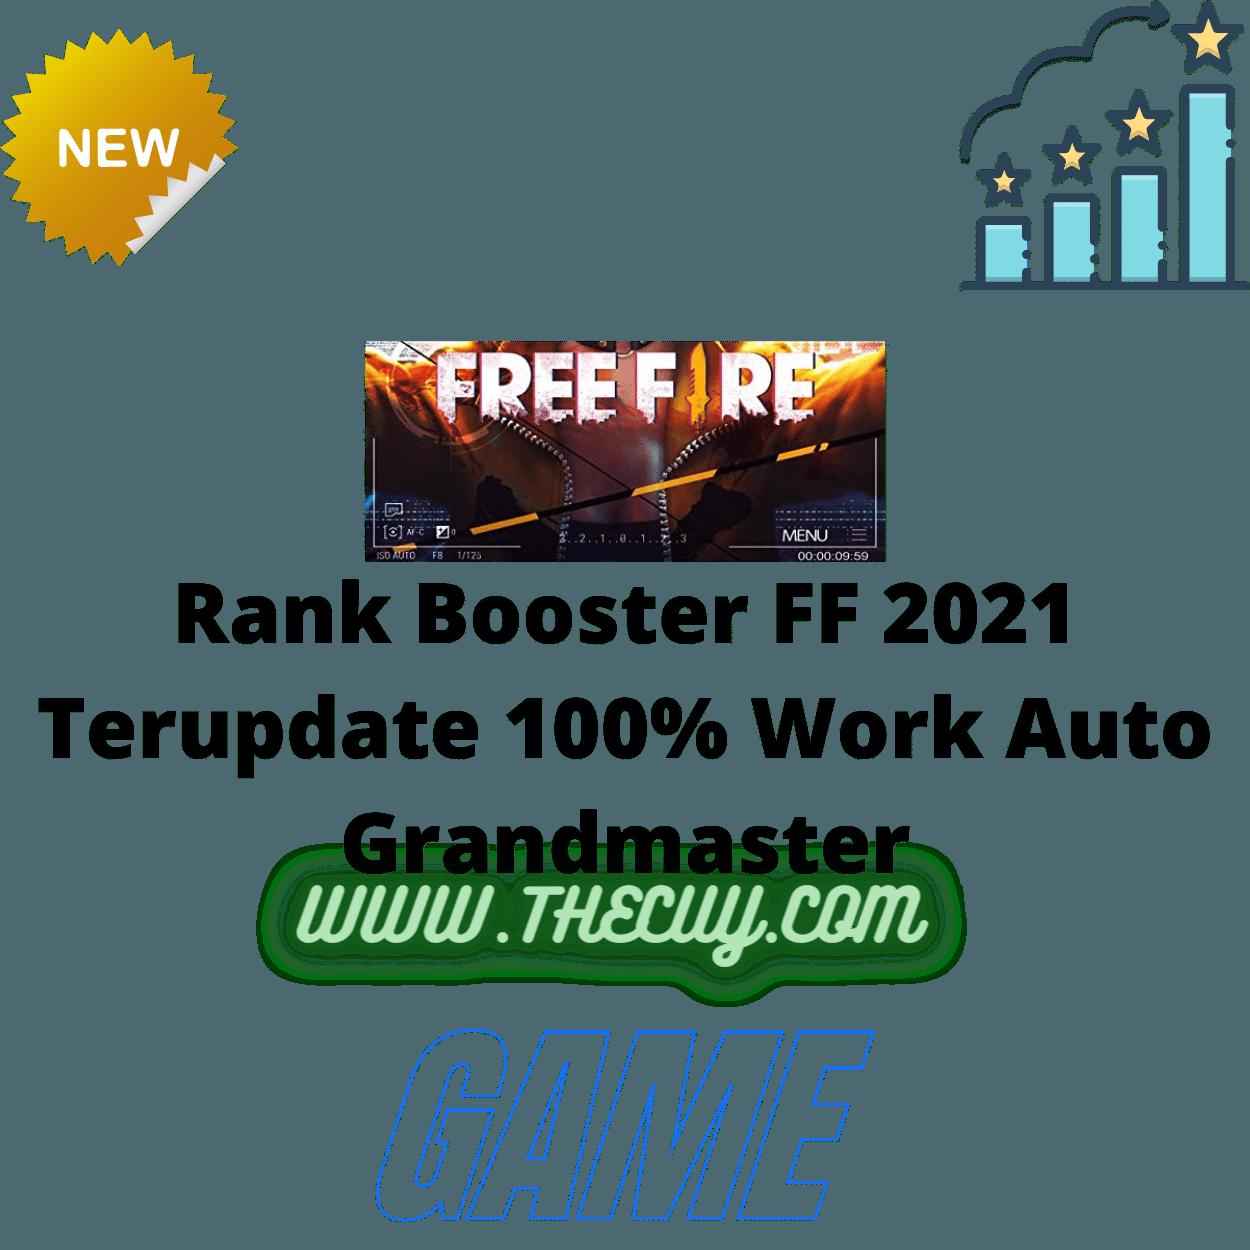 Rank Booster FF 2021 Terupdate 100% Work Auto Grandmaster